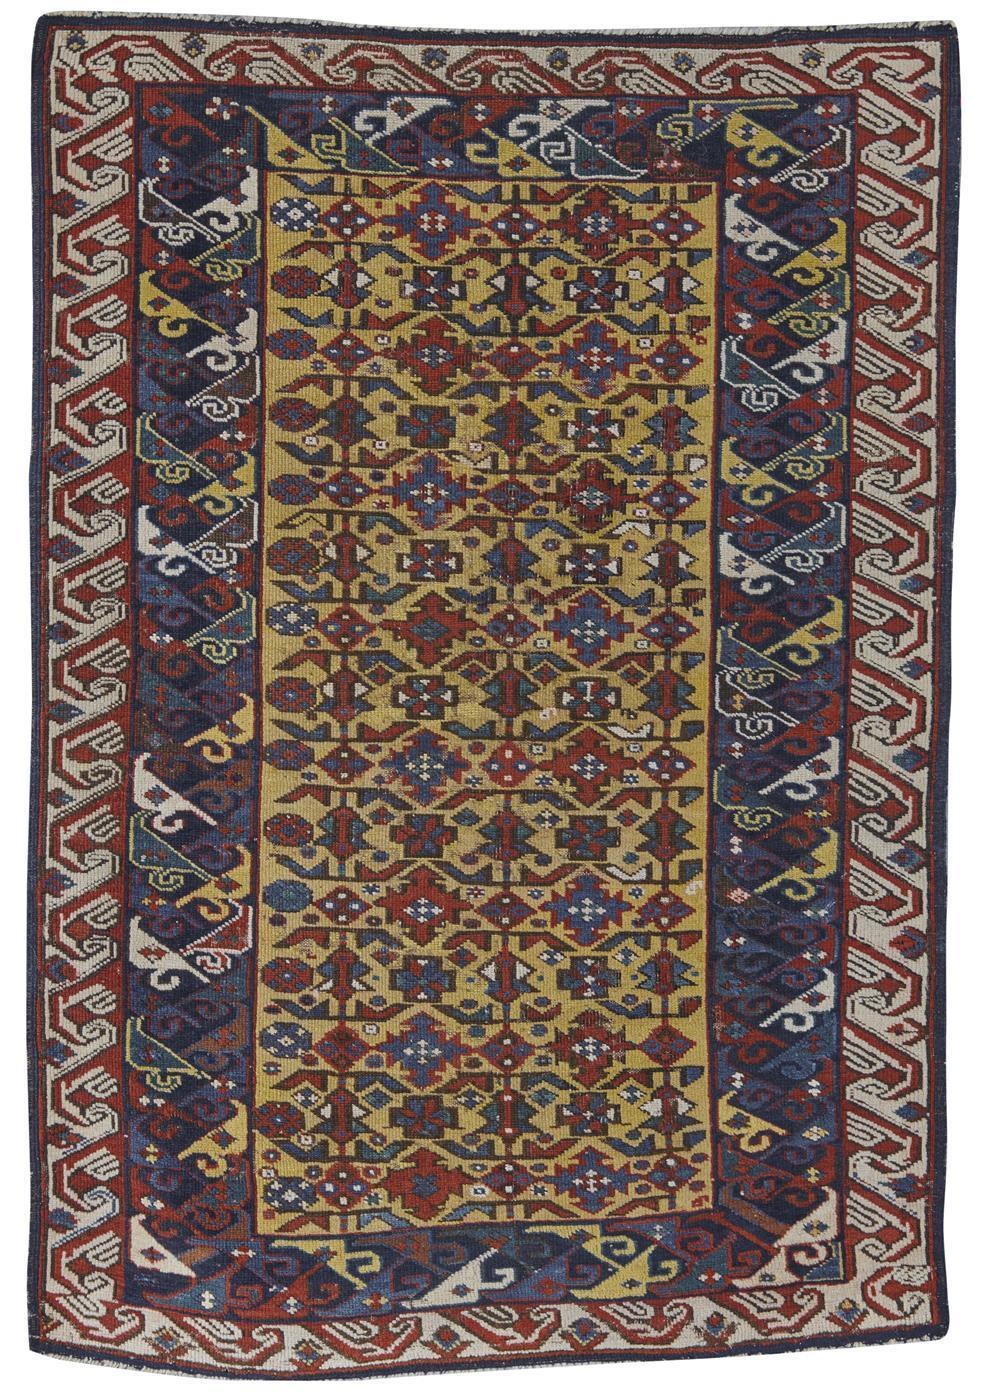 Kuba Rug, Caucasus, last quarter 19th century; 3 ft. 10 in. x 2 ft. 7 in.